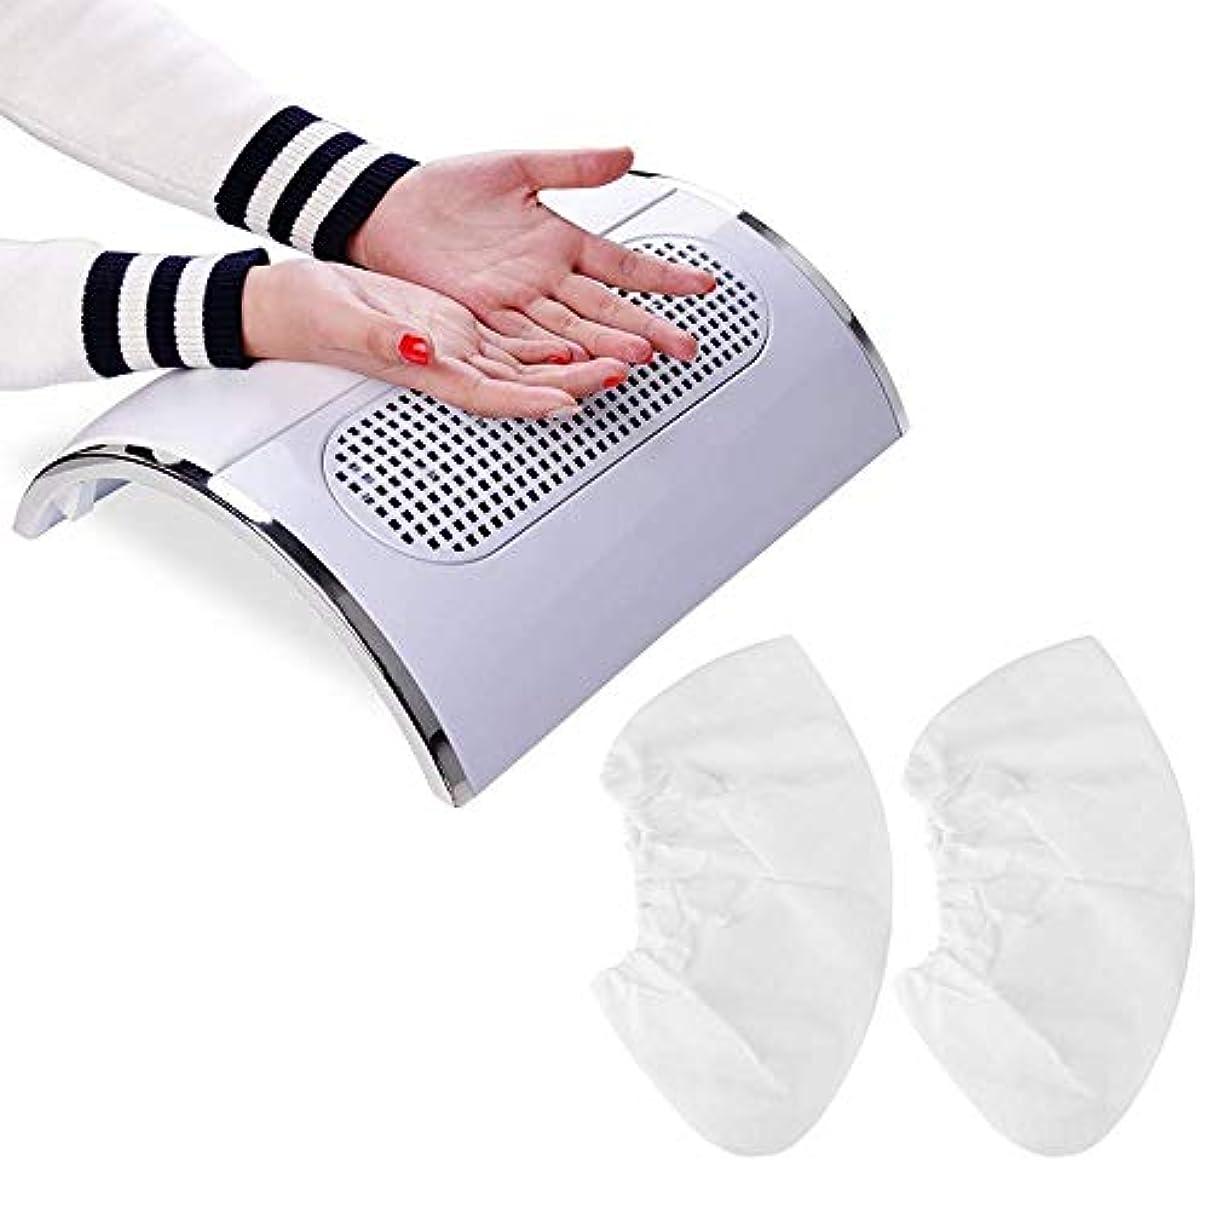 フレアウェブ列挙するBiutee メタリックホワイト ネイルダスト 集塵機 ダストクリーナー ジェルネイル ネイル機器